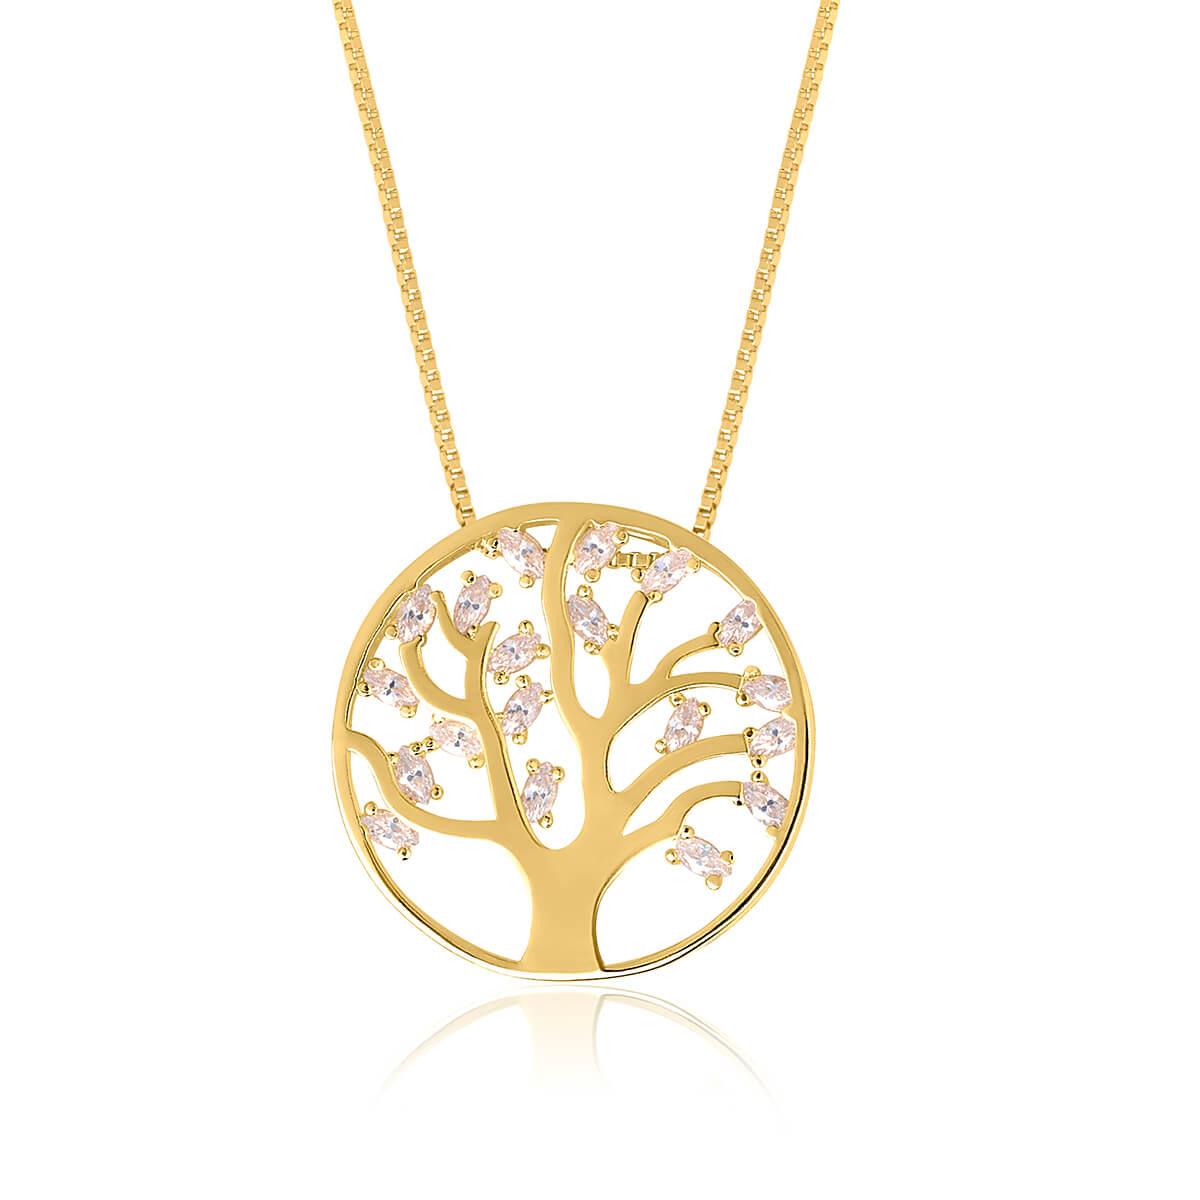 Colar com pingente Árvore da Vida Luxo em zircônias banhado em ouro 18k